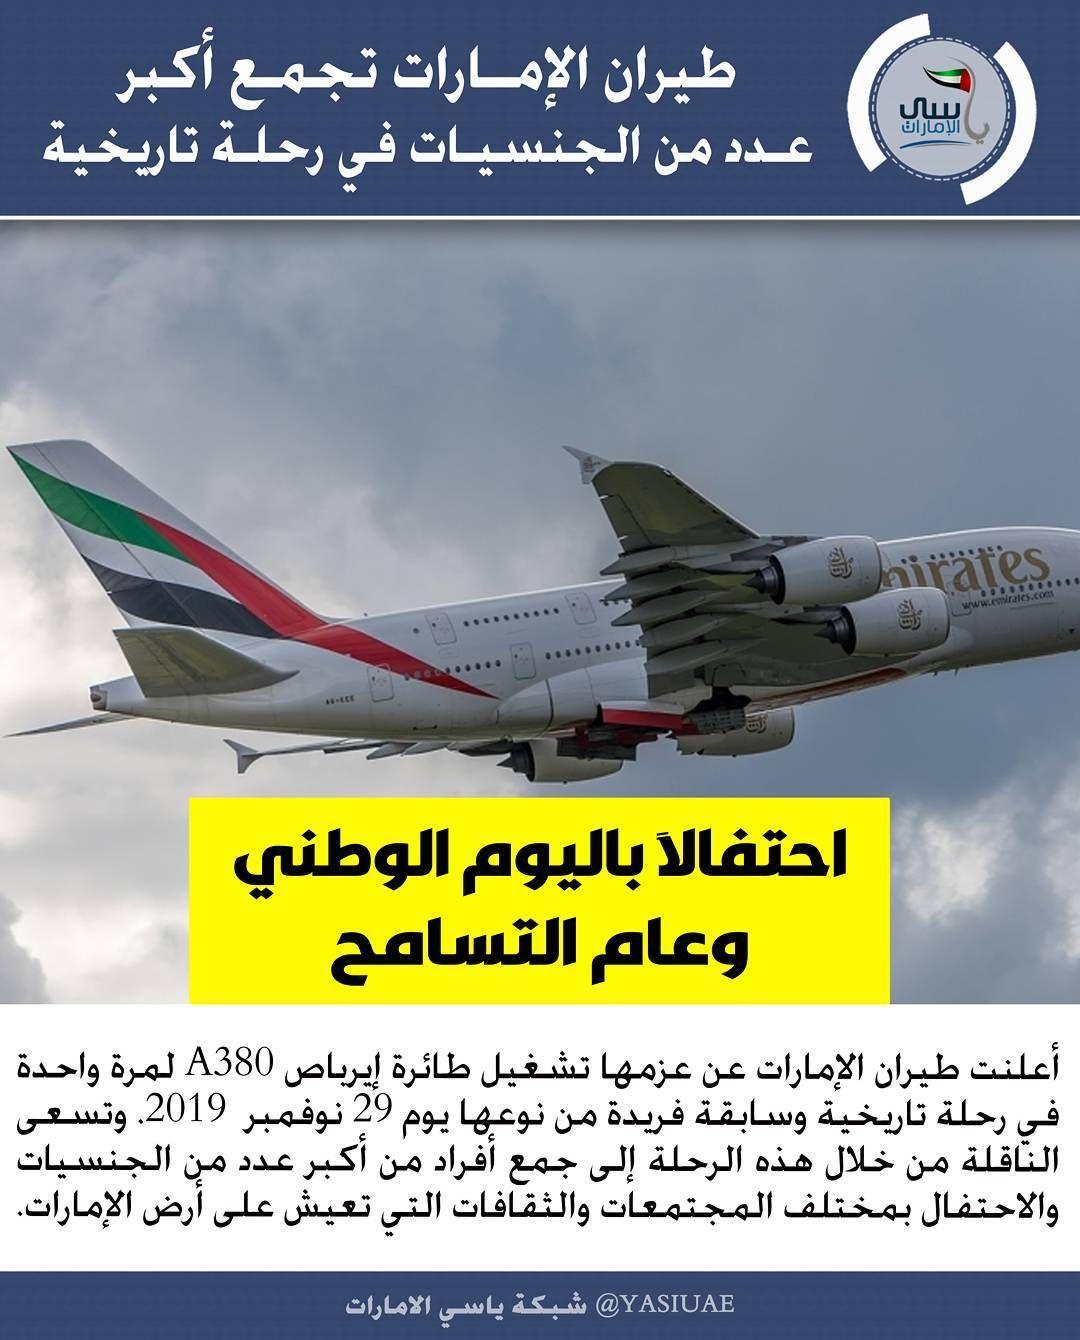 احتفالا باليوم الوطني وعام التسامح طيران الإمارات تجمع أكبر عدد من الجنسيات في رحلة تاريخية عام التسامح اليوم الوطني Passenger Jet Passenger Sport Shoes